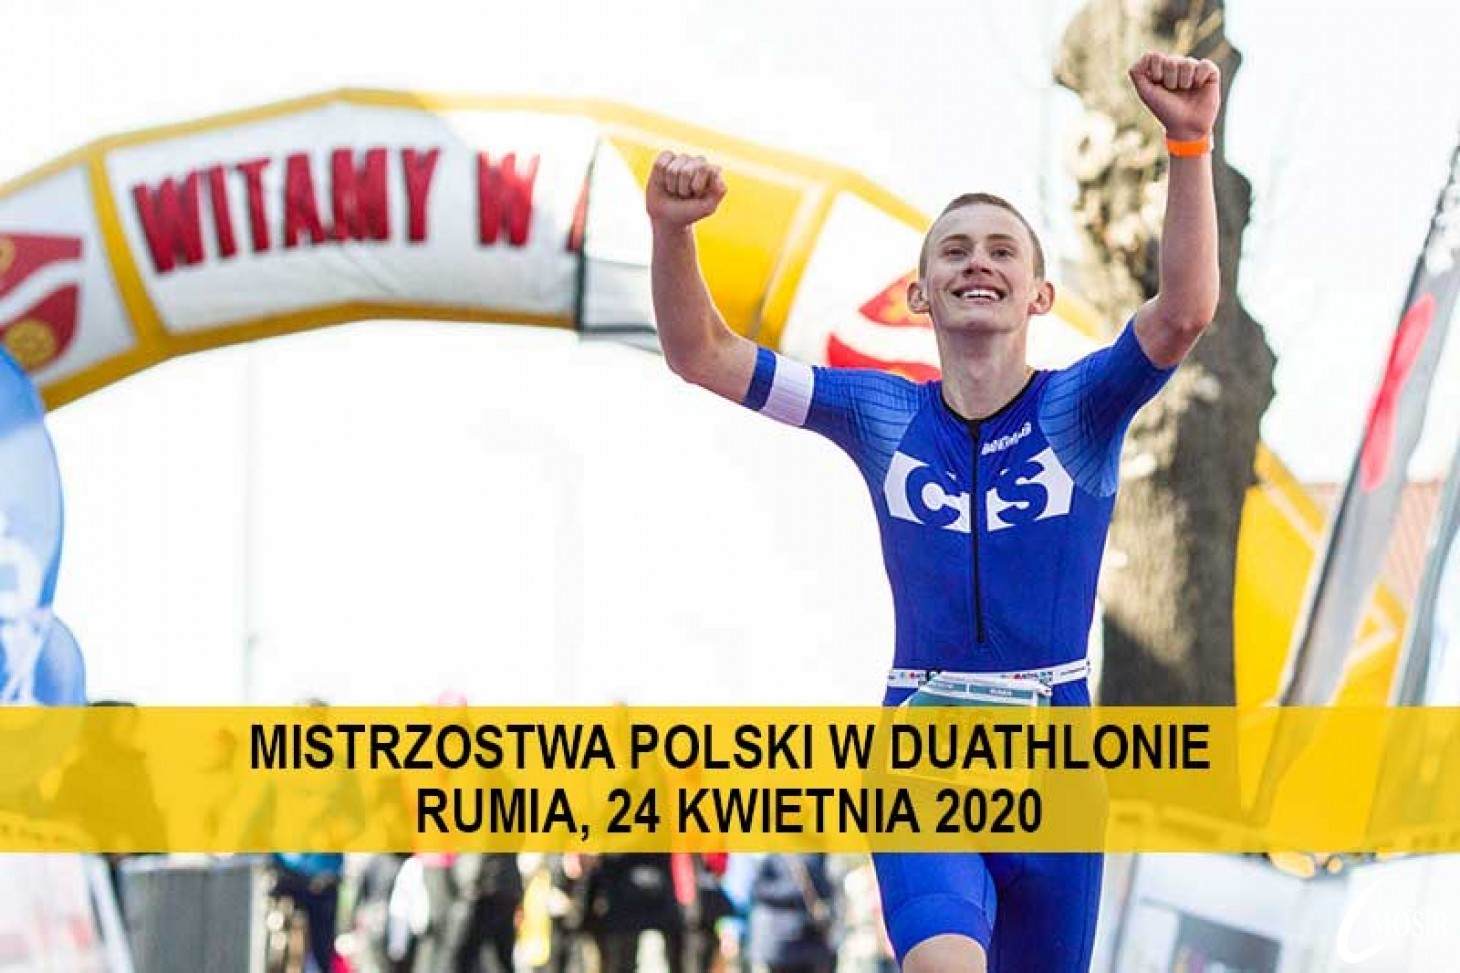 Energy KidsRun/Mistrzostwa Polski w Duathlonie